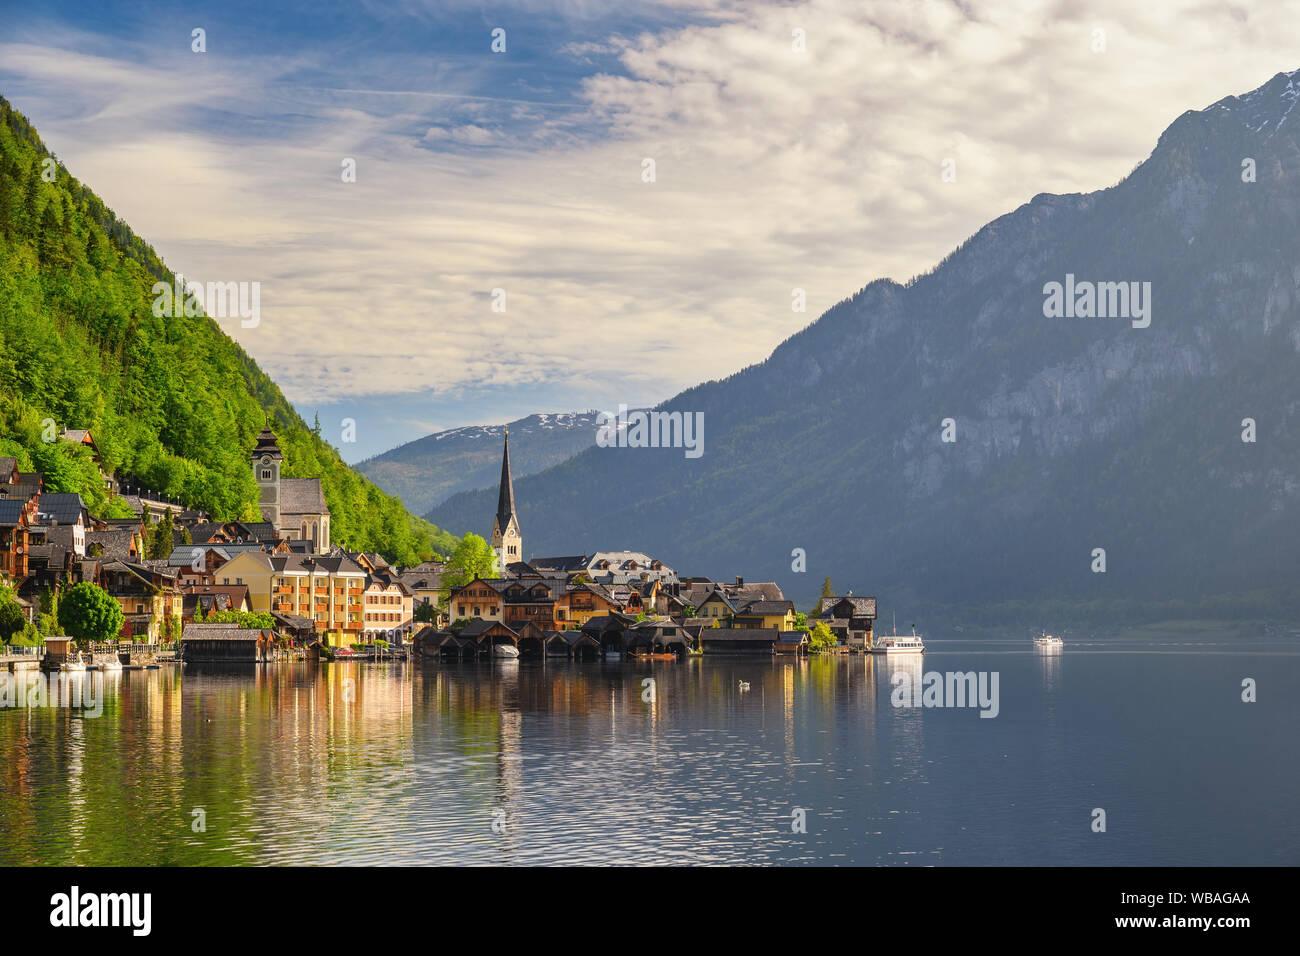 Hallstatt, Autriche Nature Paysage de Hallstatt village avec lac et montagne Banque D'Images